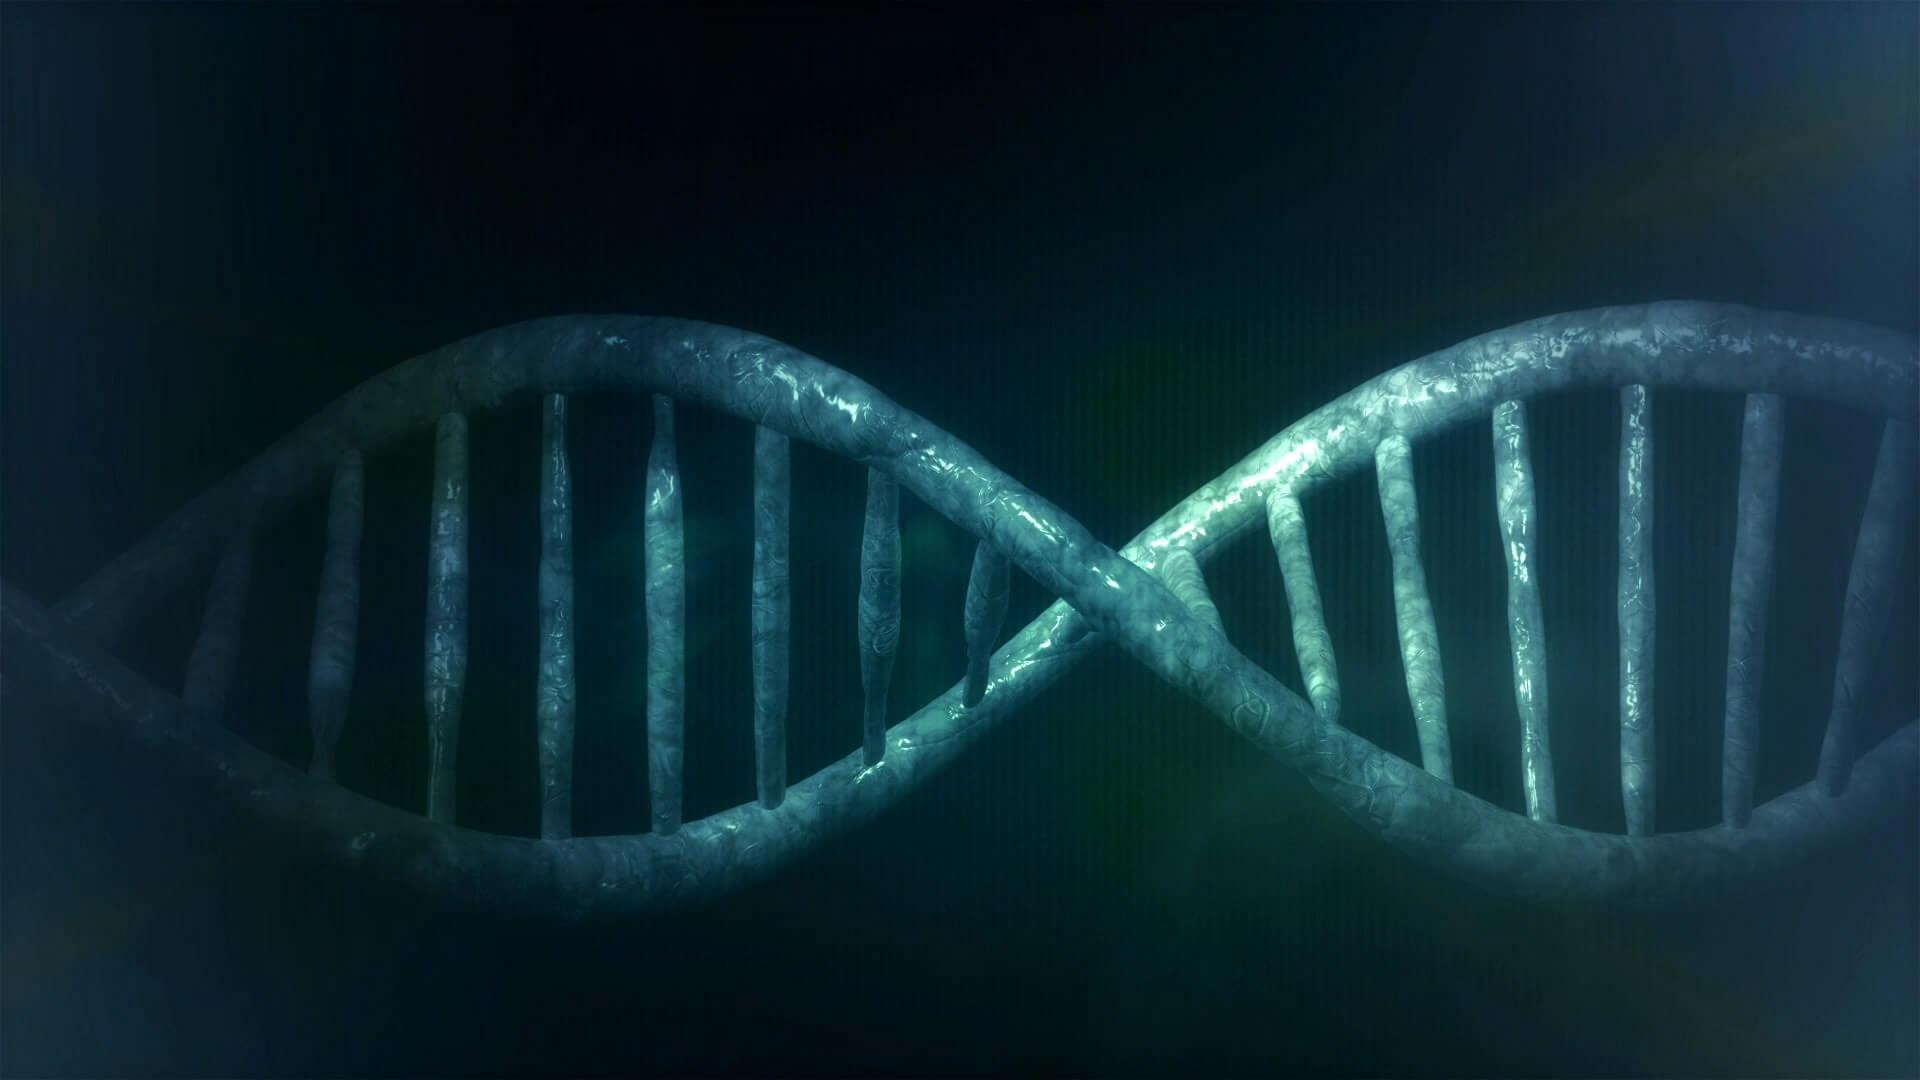 Suivant l'engouement pour l'édition génétique, une startup prétend pouvoir éditer sans CRISPR